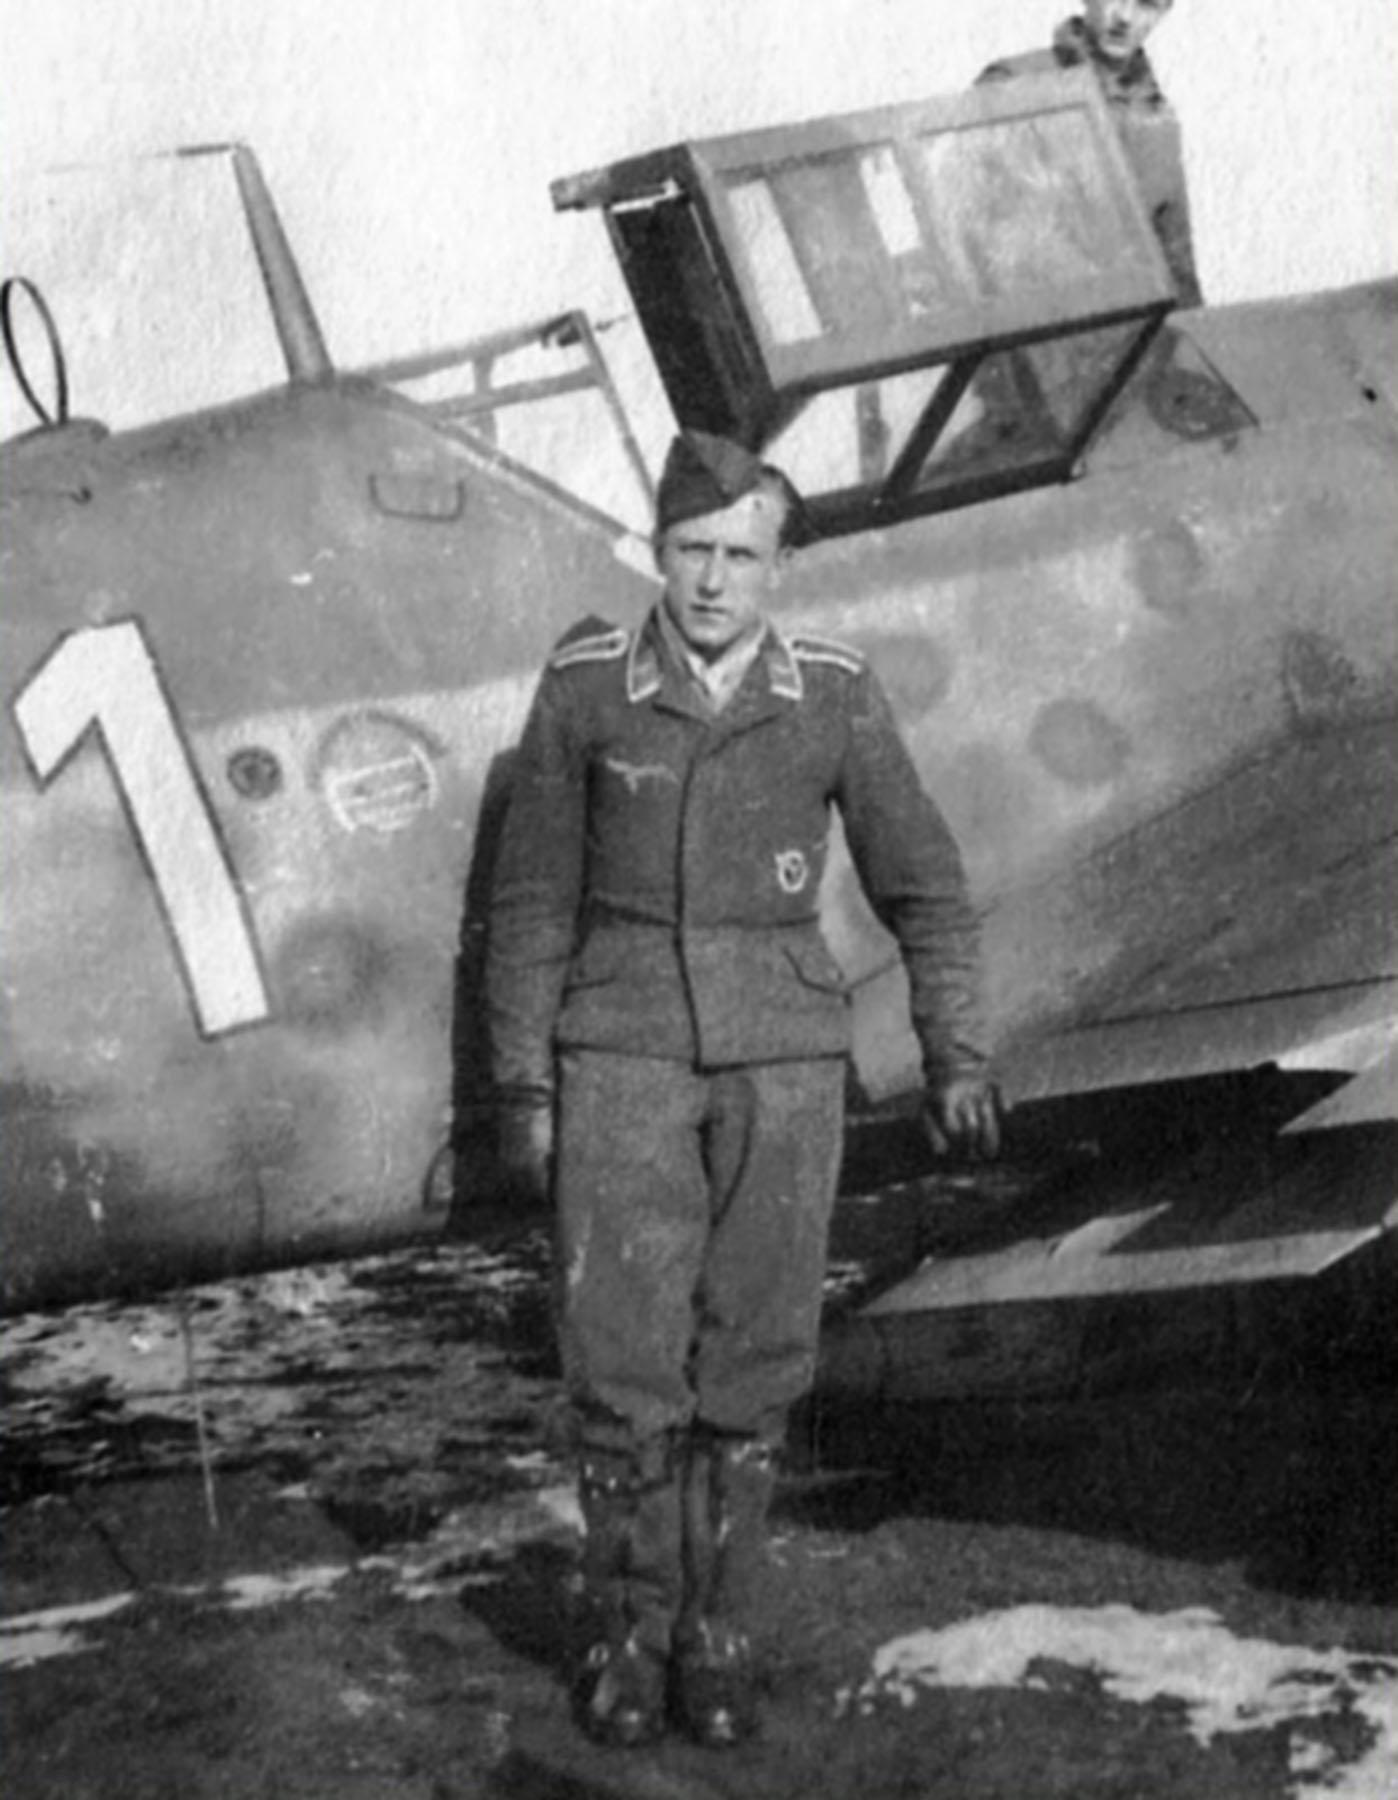 Messerschmitt Bf 109G6R3 Reichsverteidigung White 1 unknown unit and pilot 01